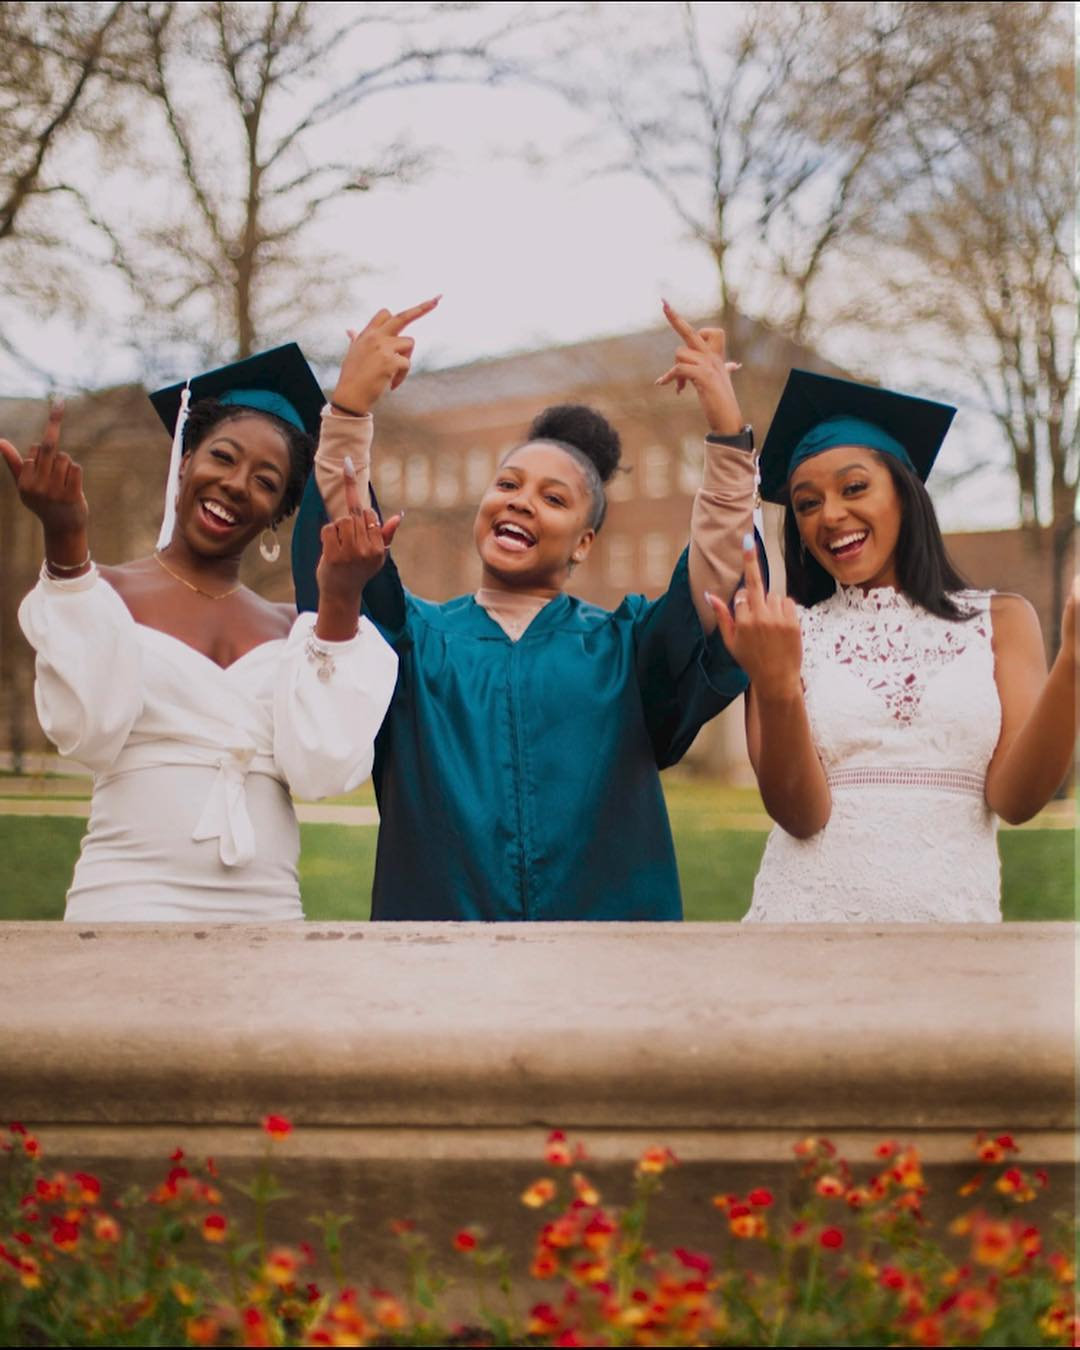 Group Graduation Photos